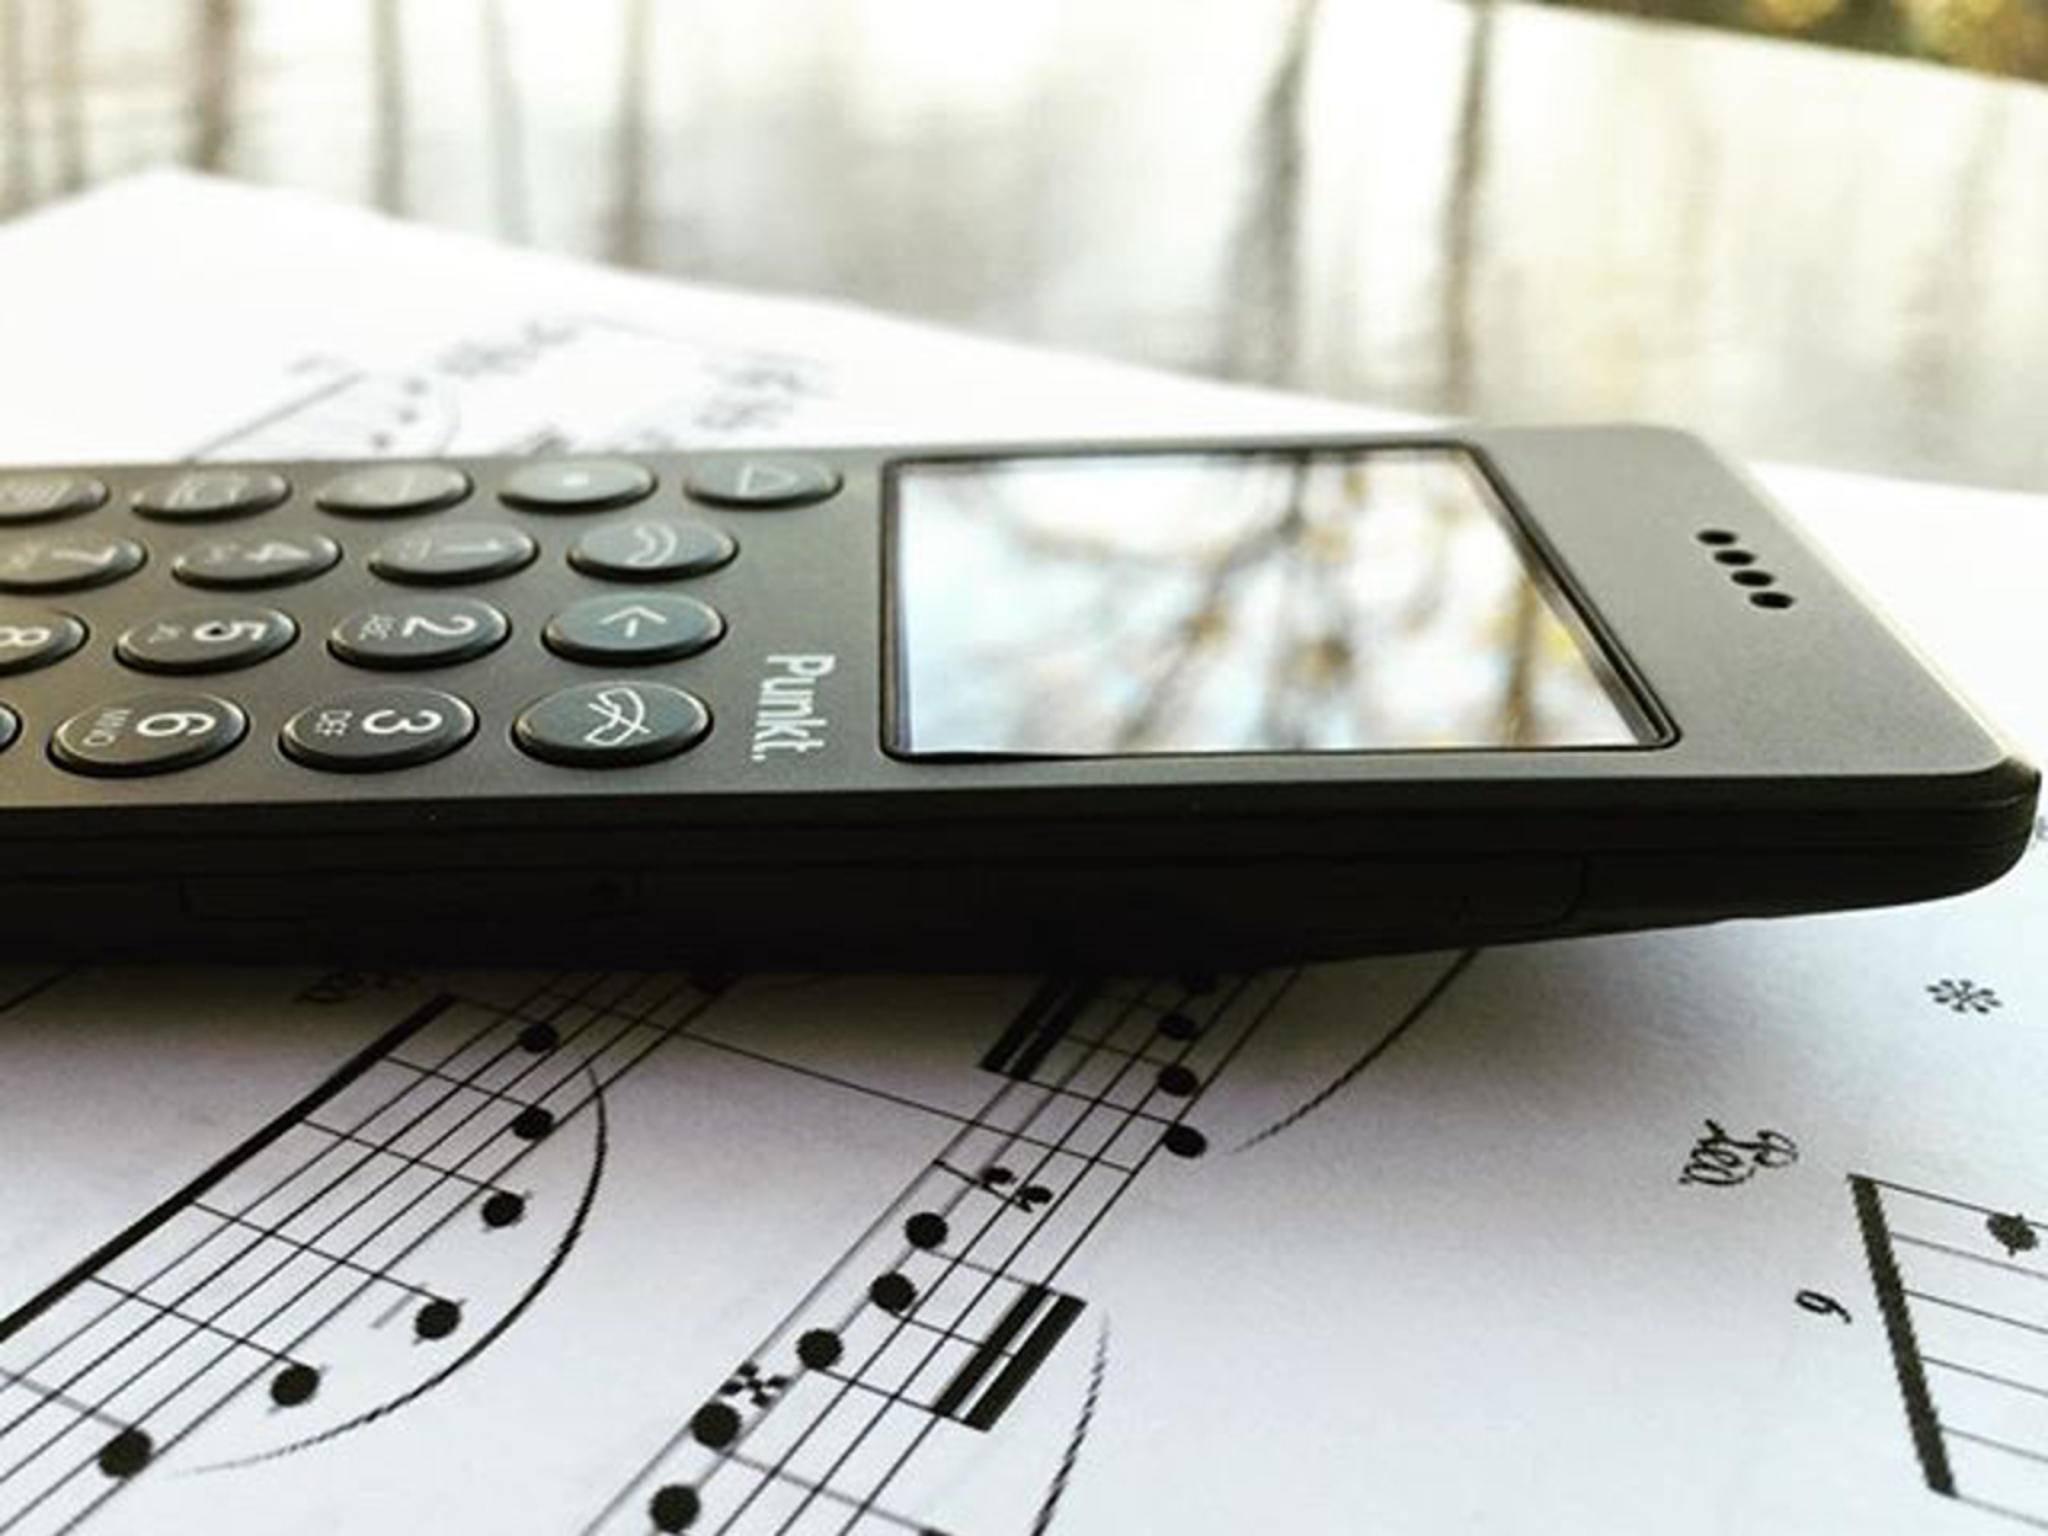 Das MP01 Mobile Phone ist für Dumbphone-Verhältnisse nicht ganz billig.